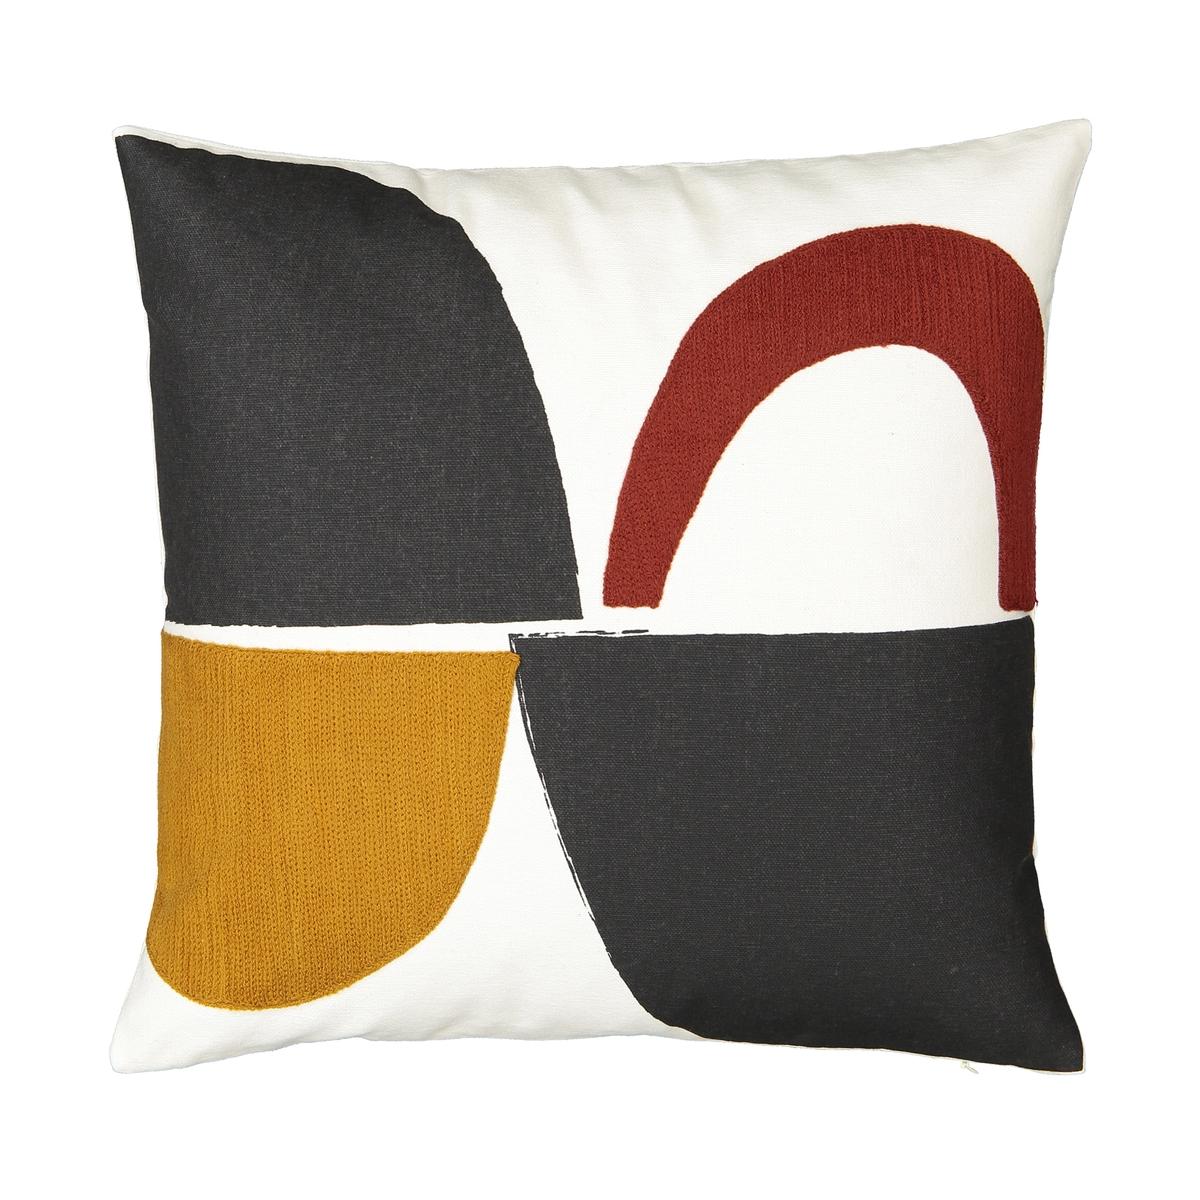 Чехол La Redoute Для подушки Comoe 40 x 40 см разноцветный чехол la redoute для подушки eppaloc 45 x 45 см оранжевый